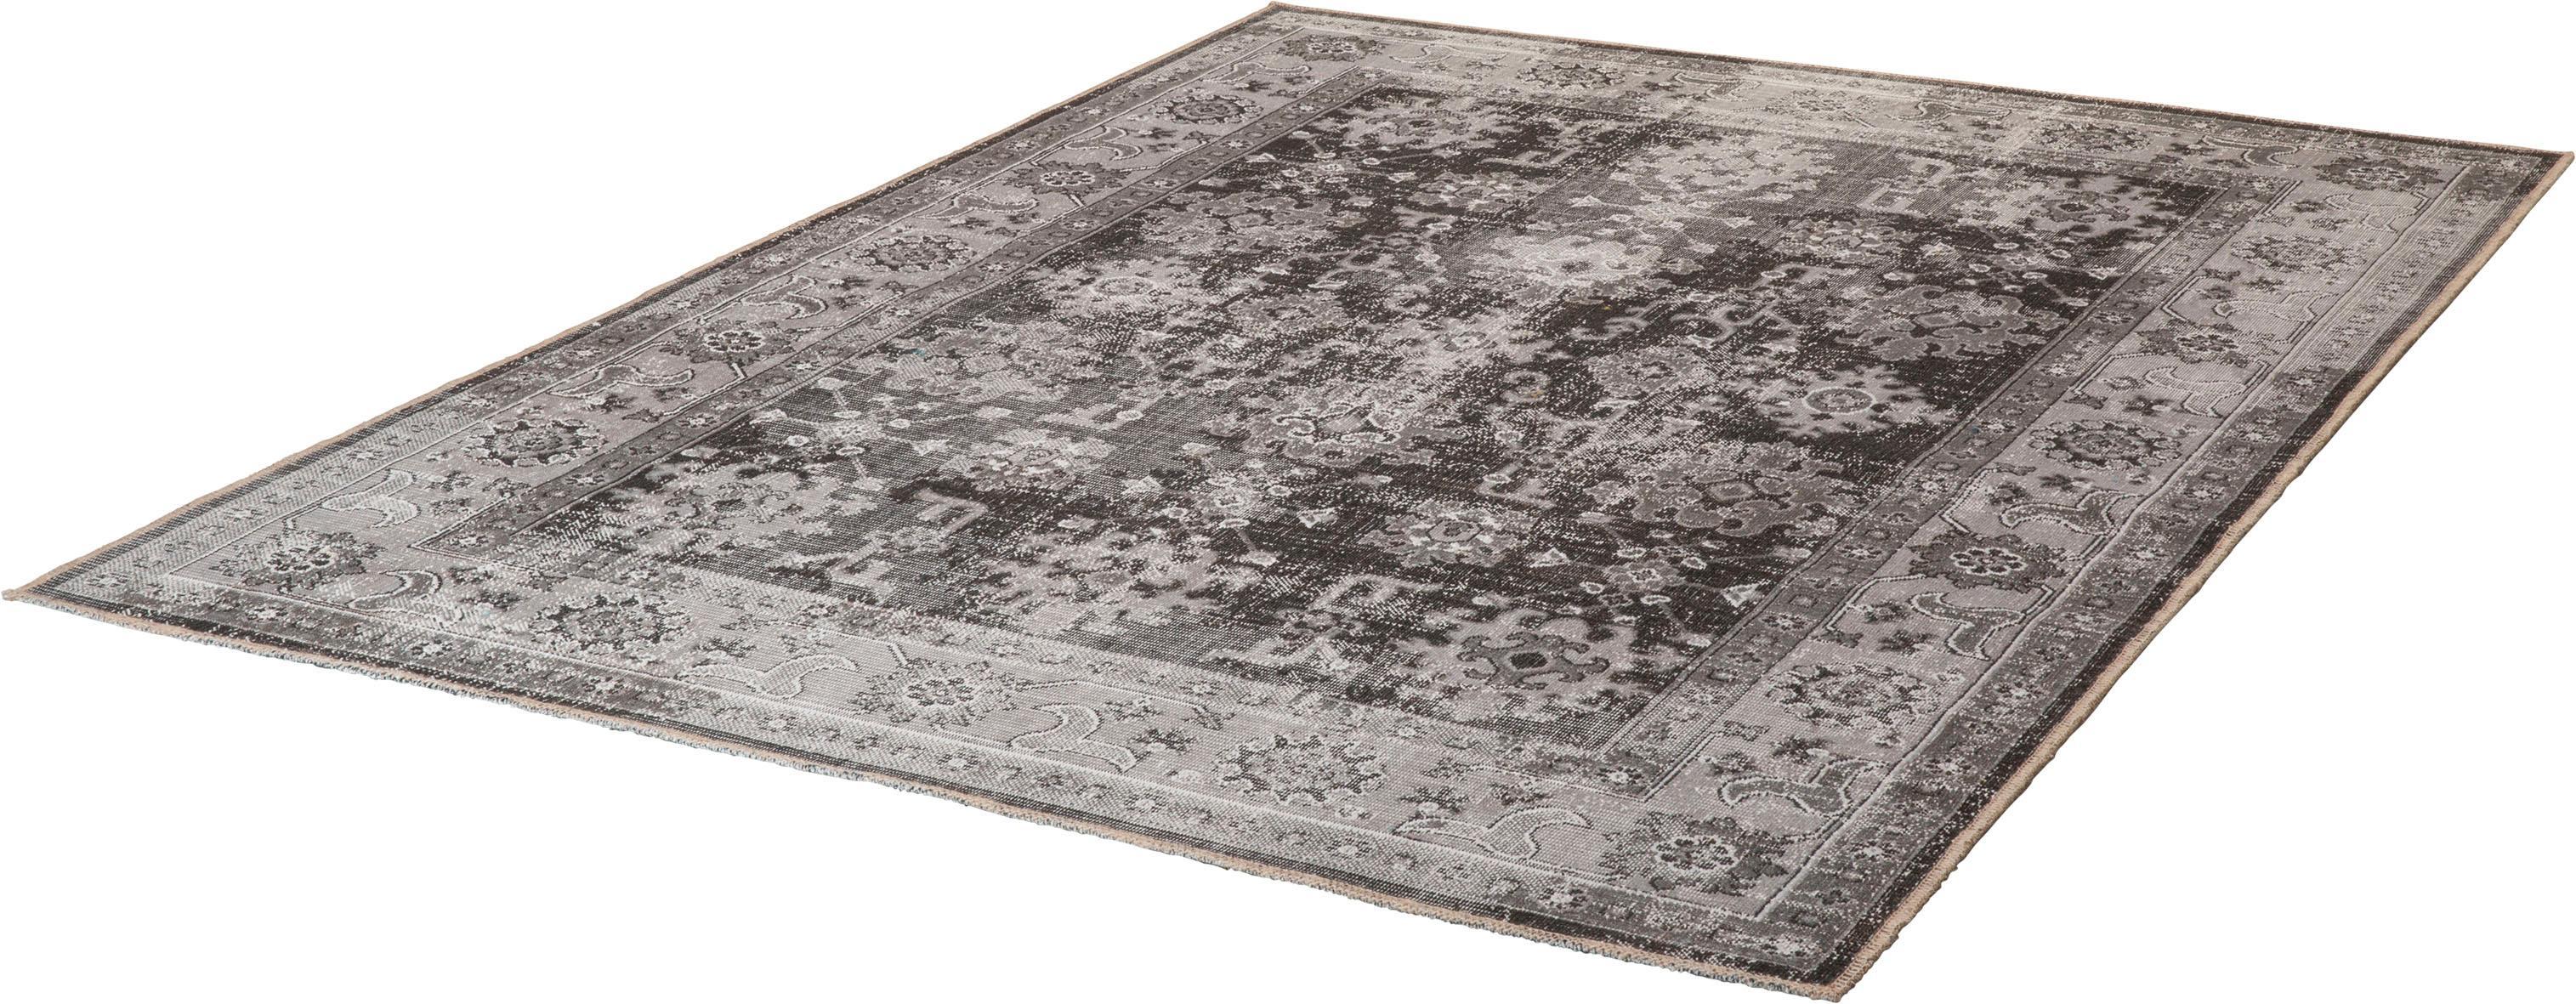 Teppich My Tilas 244 Obsession rechteckig Höhe 8 mm maschinell gewebt